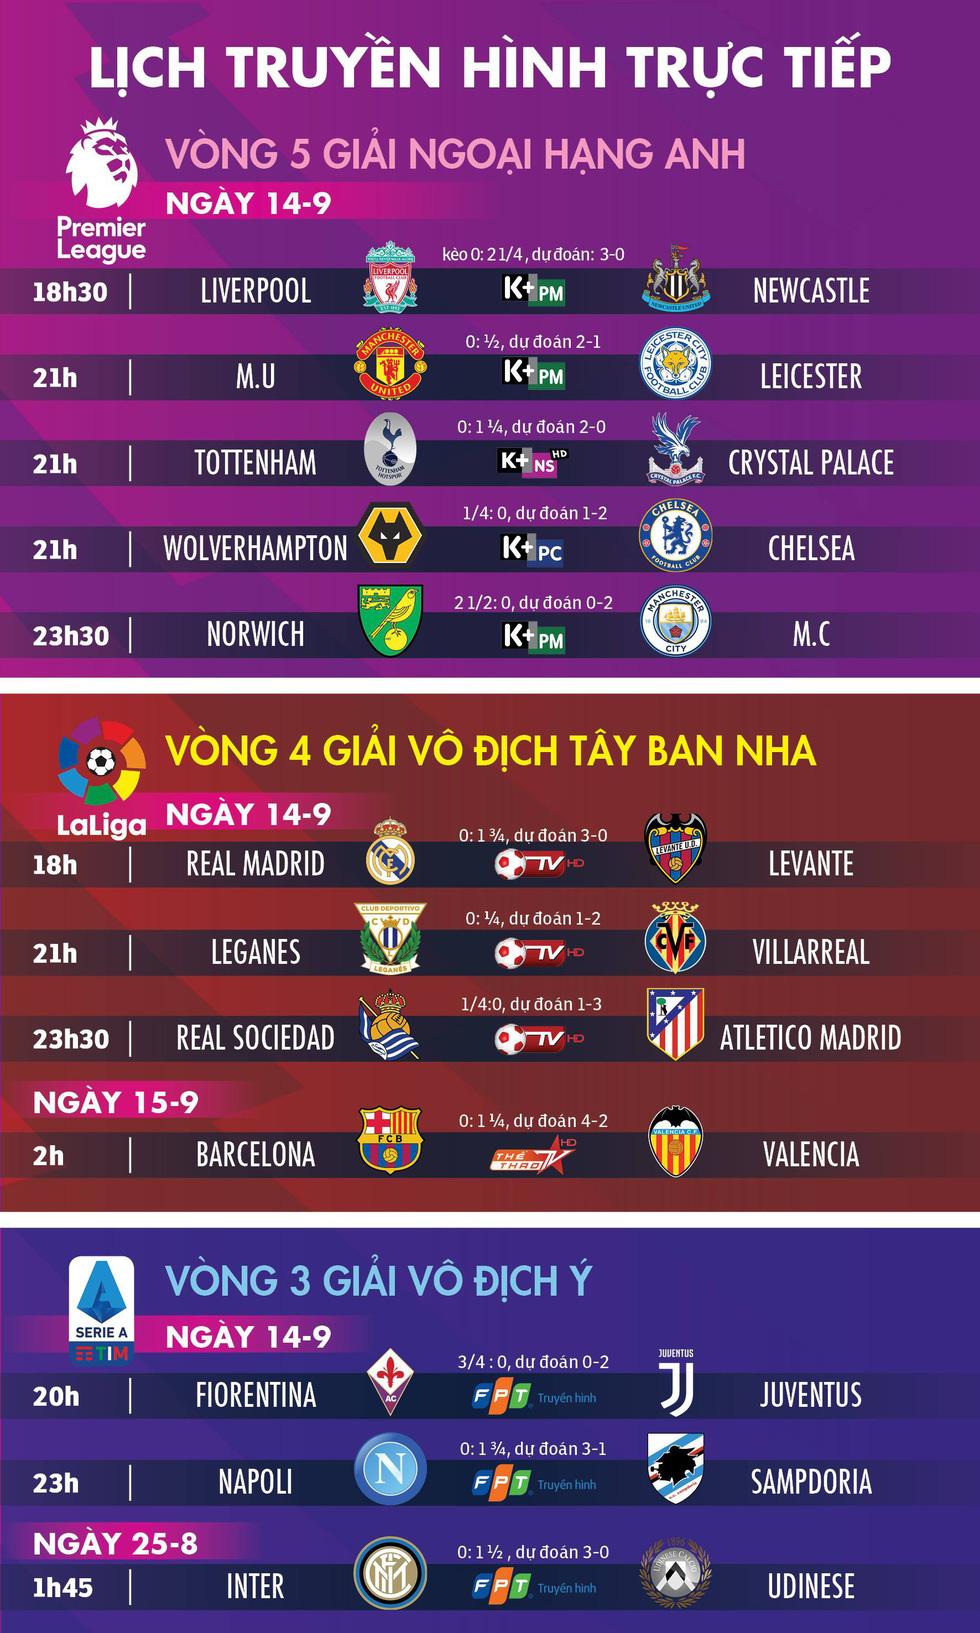 Lịch trực tiếp, kèo nhà cái và dự đoán các trận đấu bóng châu Âu hôm nay - Ảnh 1.